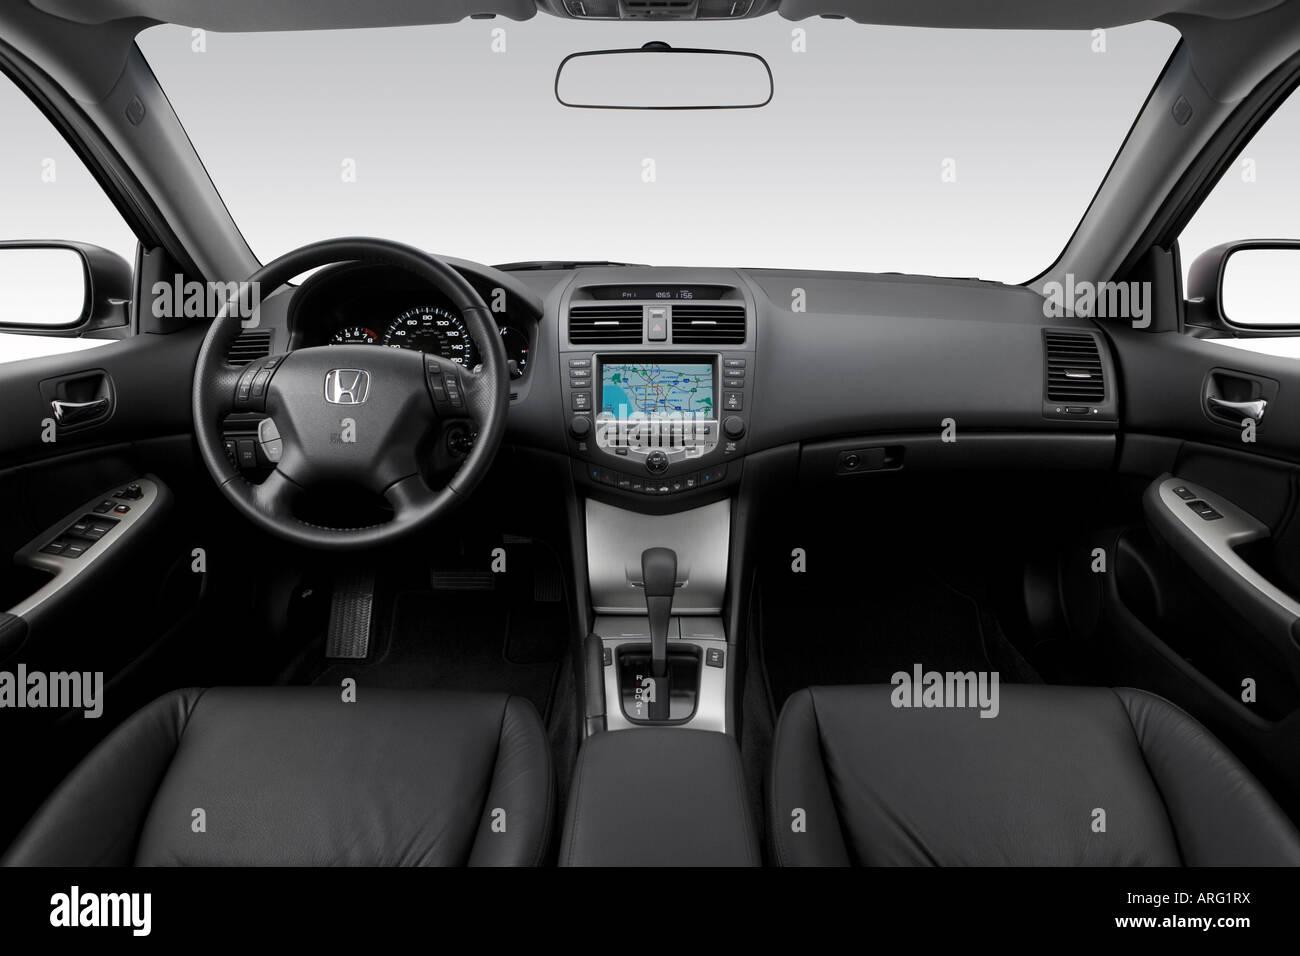 2007 Honda Accord EX L V6 In Silver   Dashboard, Center Console, Gear